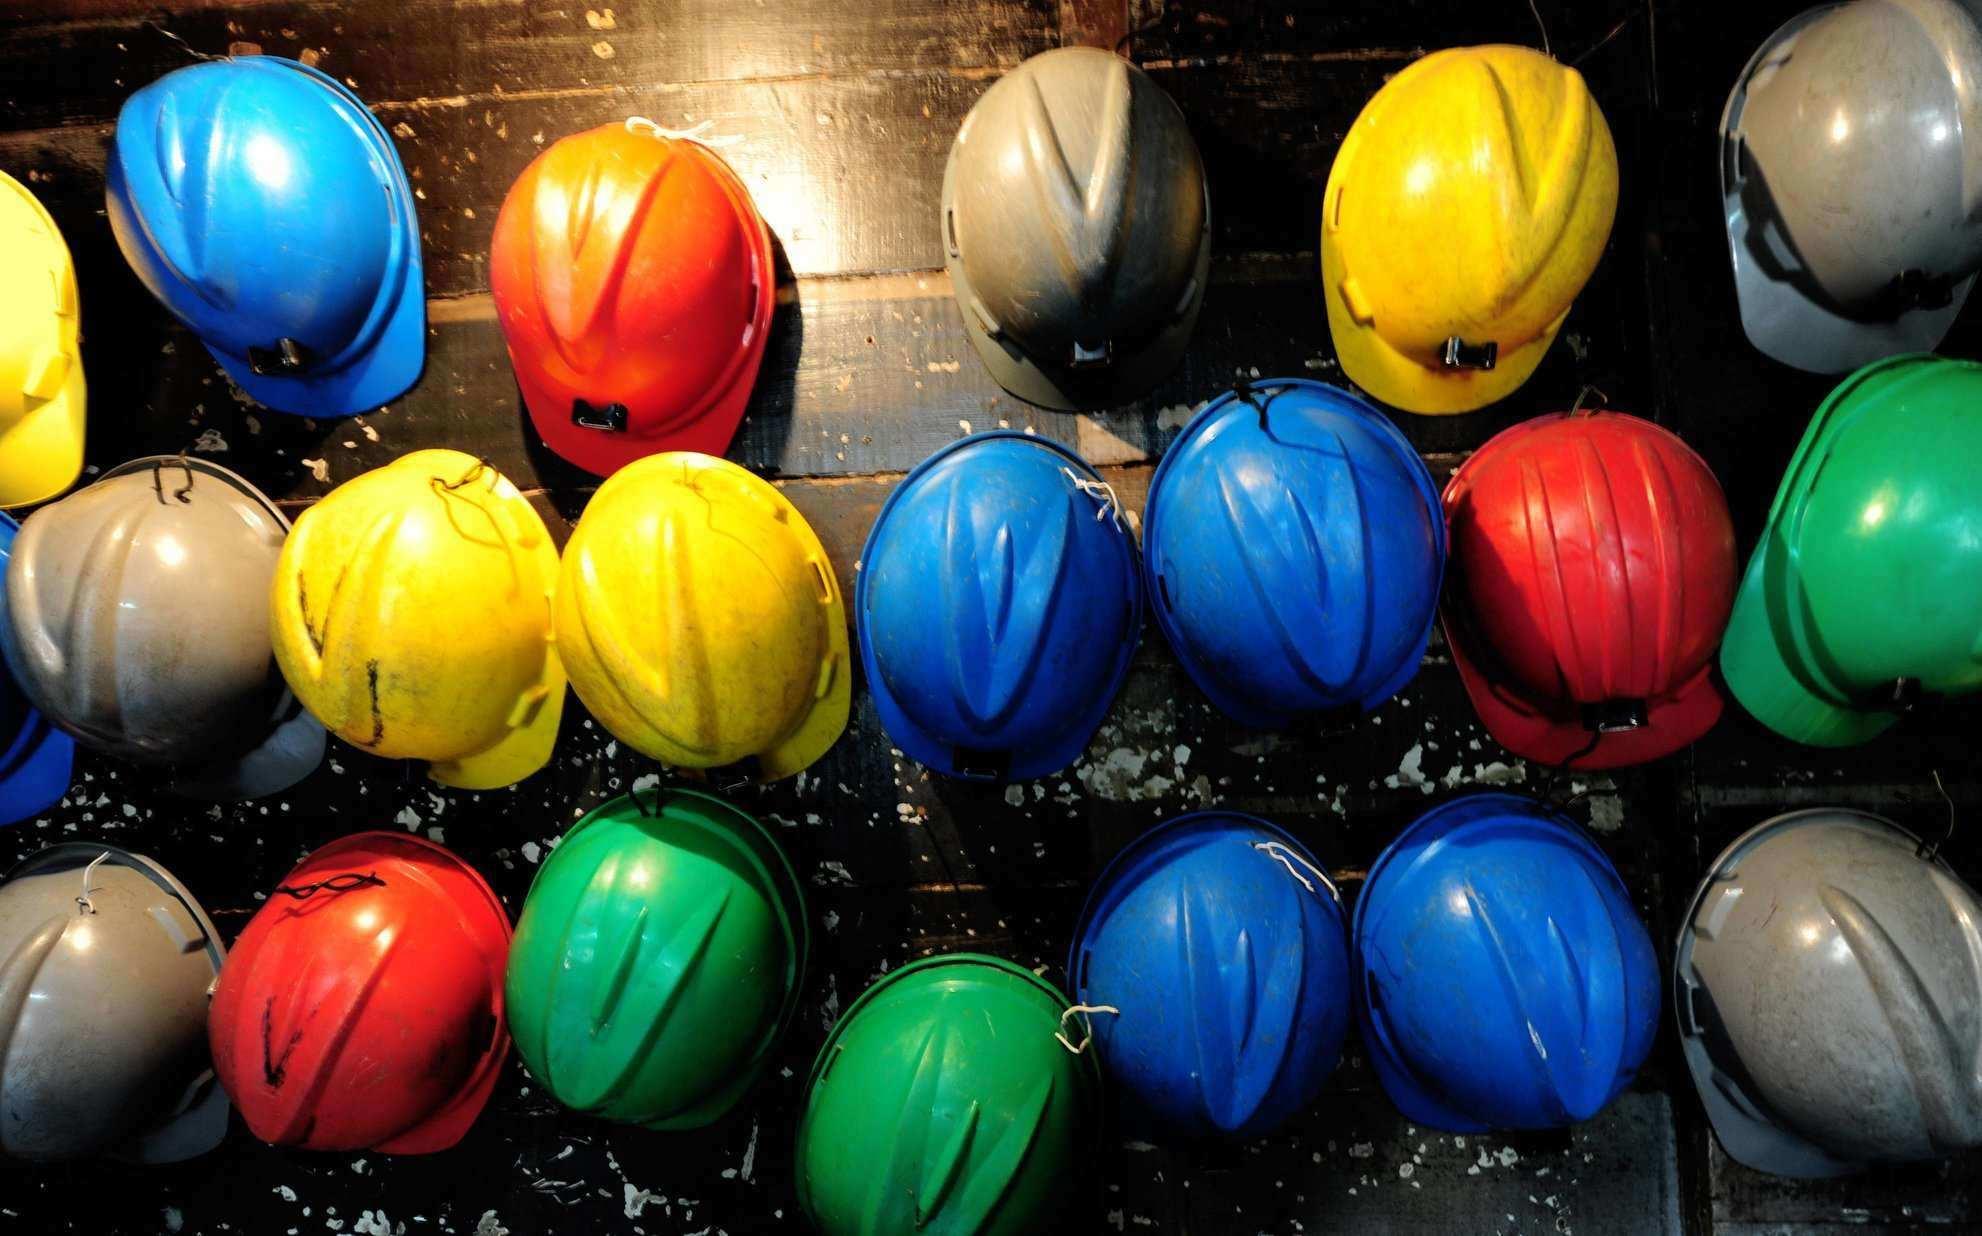 Incremento del zinc eleva producción minera de México